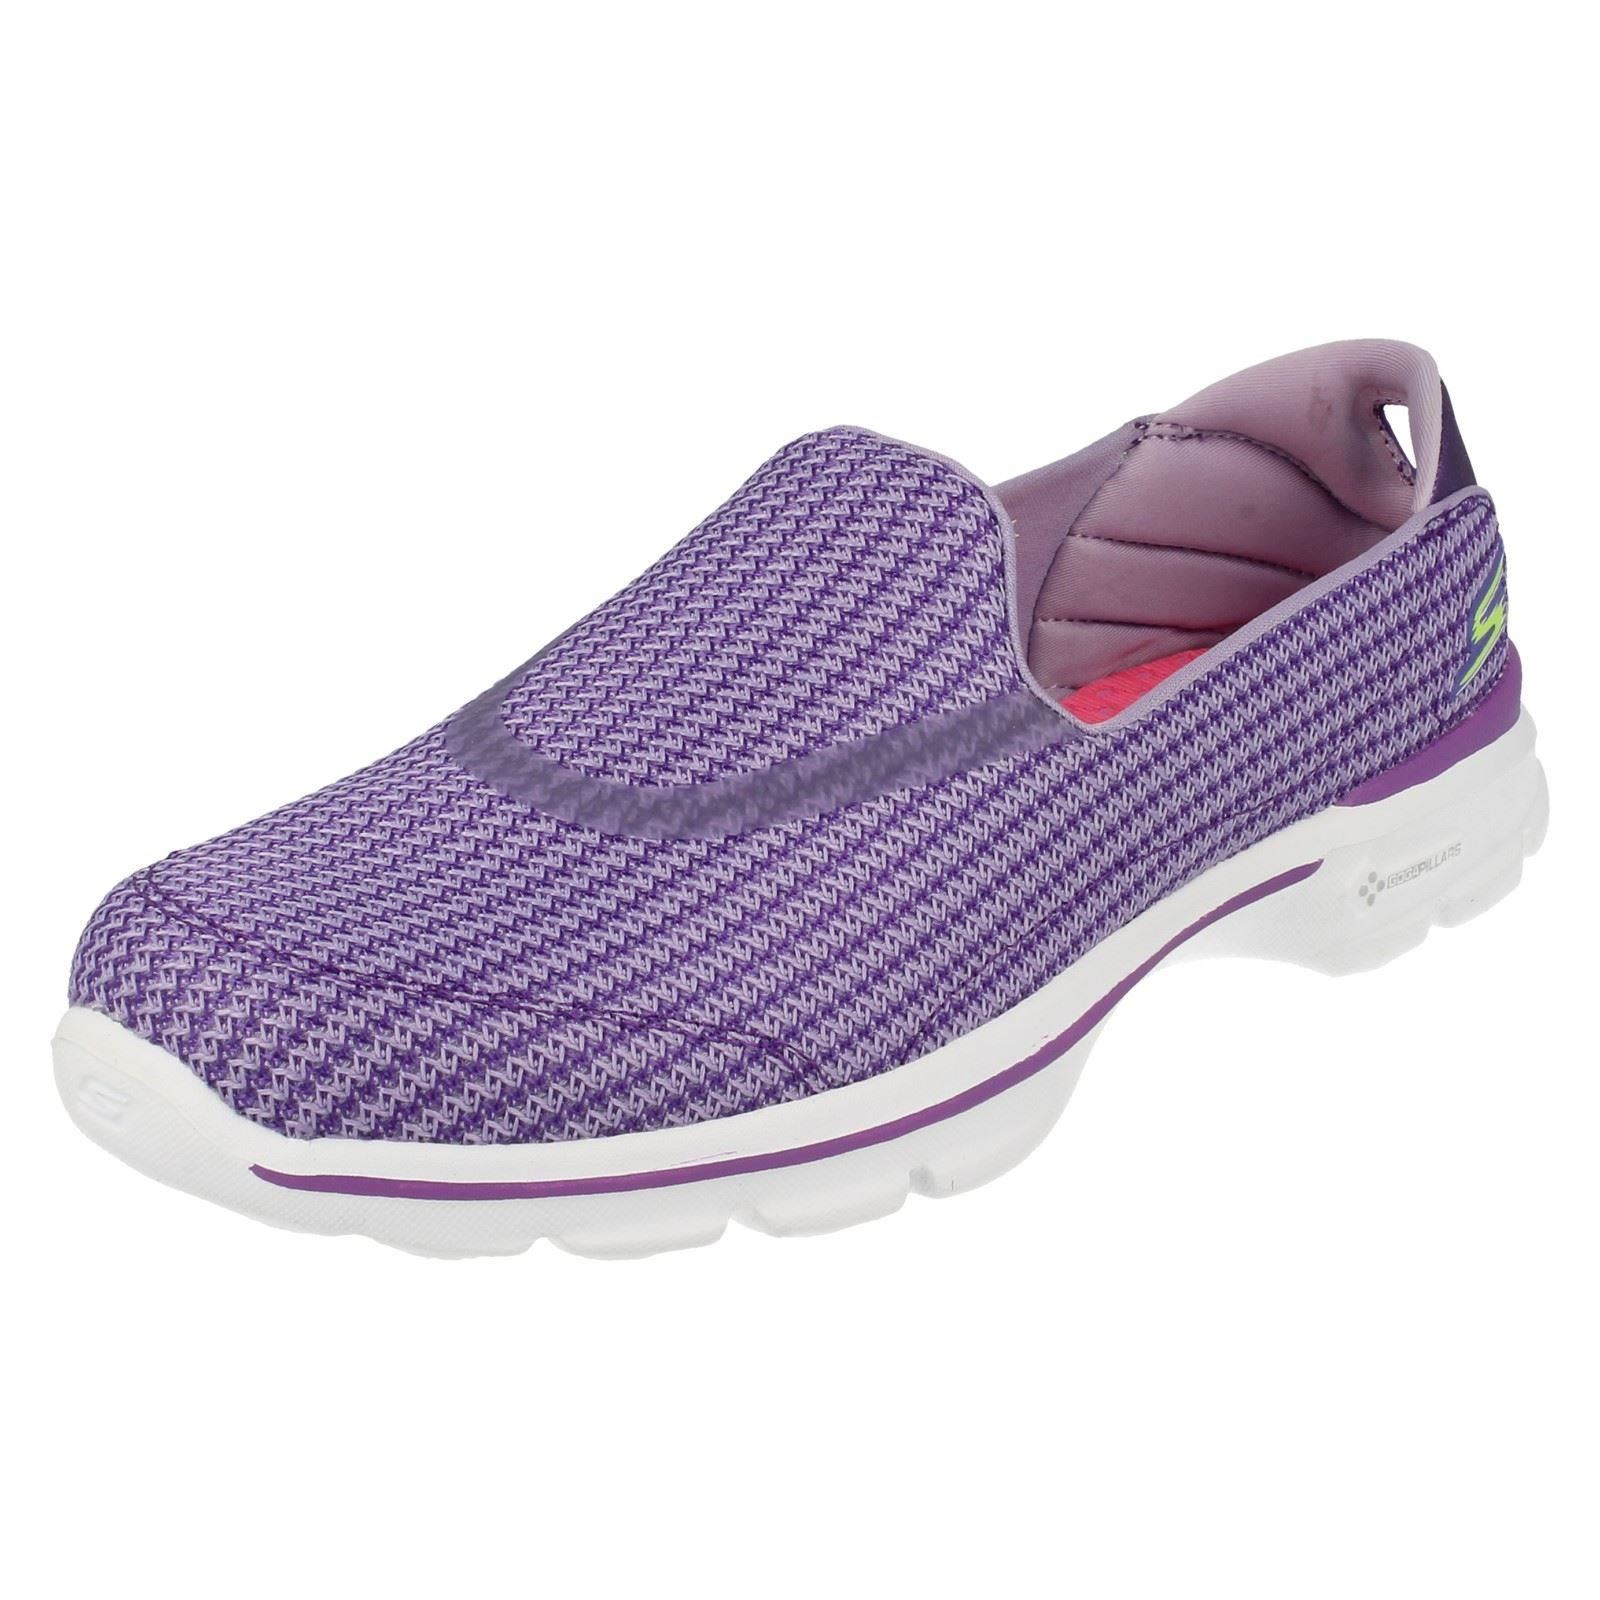 Skechers Ladies Slip On Go Walk 3 Goga Mat Slip On Shoes